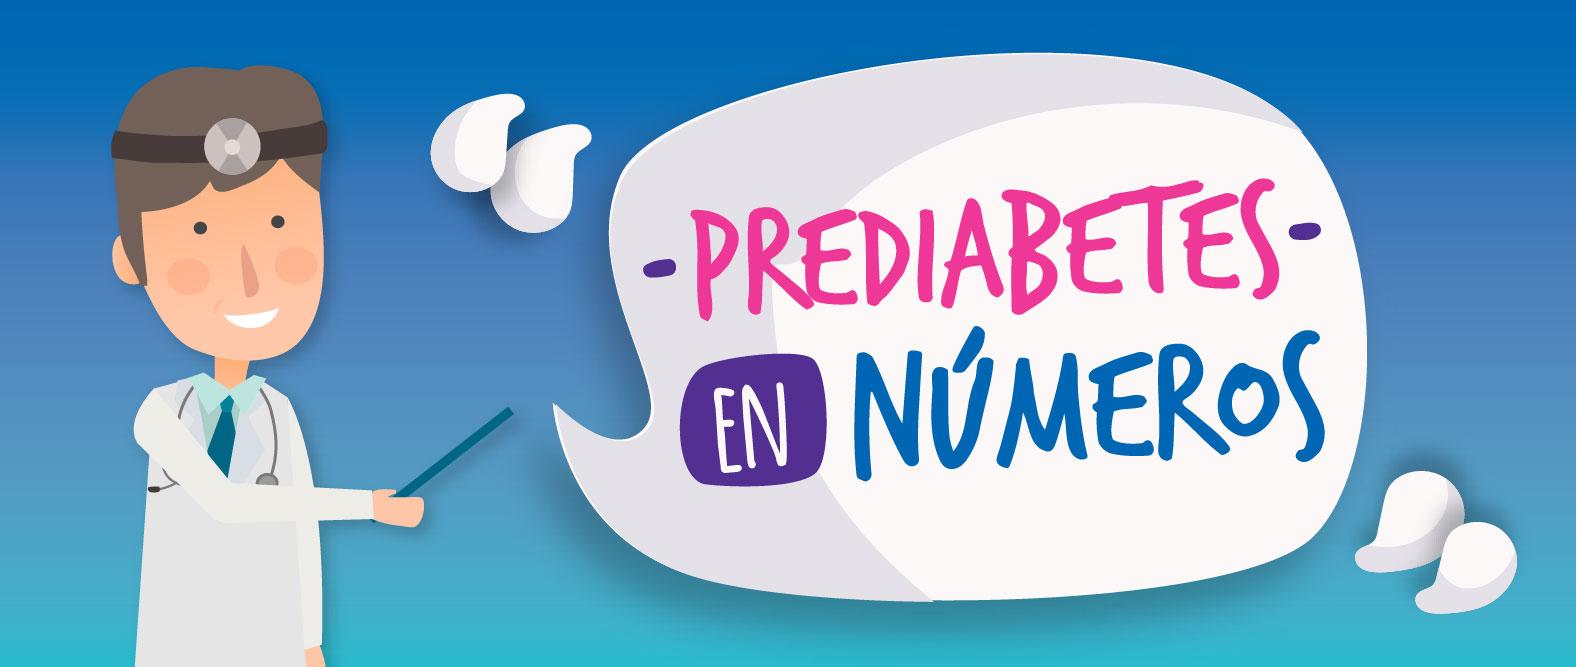 Pre Diabetes en Números